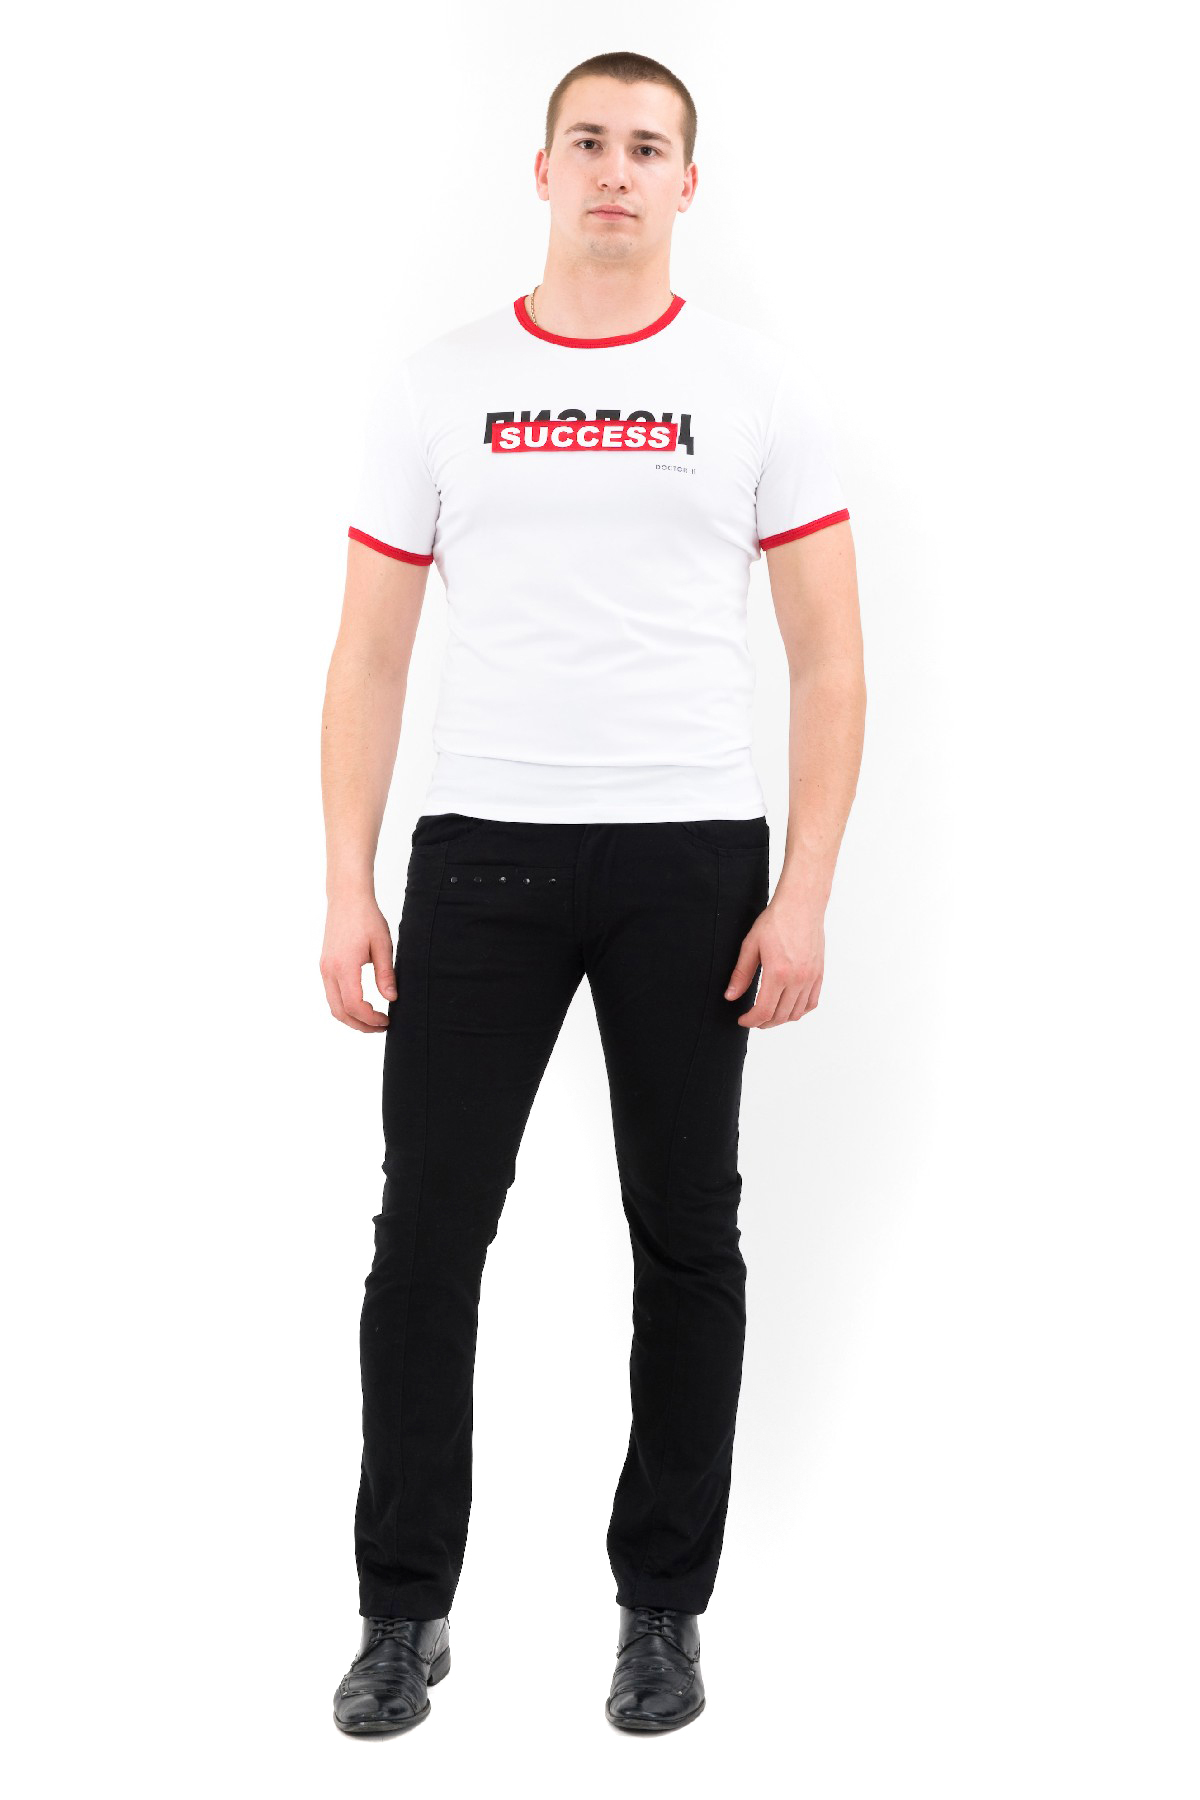 ФутболкаМужские футболки, джемпера<br>Футболка – это удобный выбор на каждый день, поэтому она должна быть яркой и стильной, чтобы привнести в повседневный образ красок. Округлый вырез горловины, короткие рукава, эффектный принт - все это футболка Doctor E, из высококачественного трикотажа, н<br><br>Цвет: белый<br>Состав: 92% хлопок, 8% лайкра<br>Размер: 44,46,54,56<br>Страна дизайна: Россия<br>Страна производства: Россия